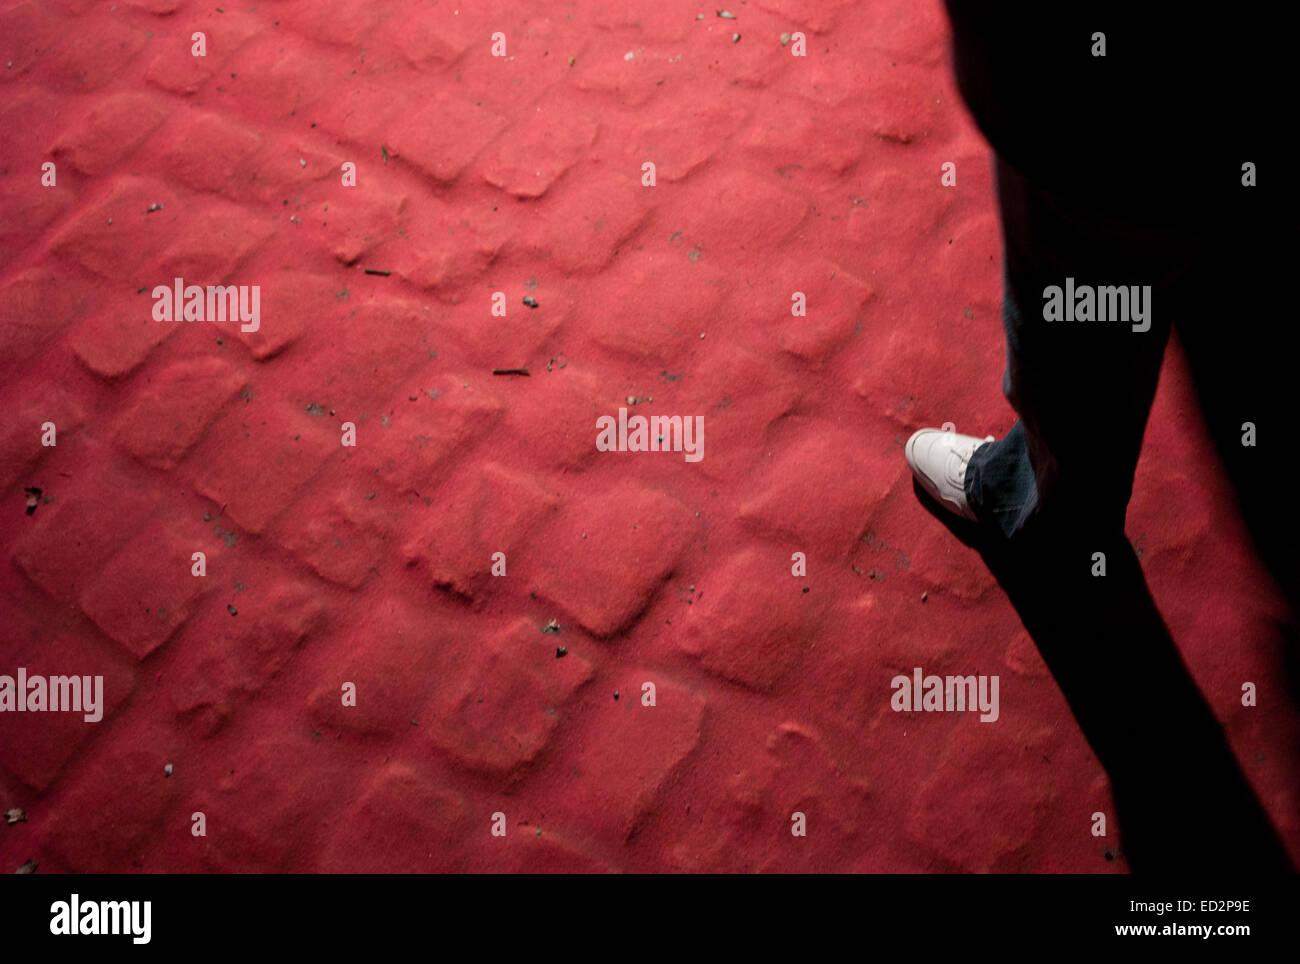 Fuß auf einem roten Teppich Stockbild